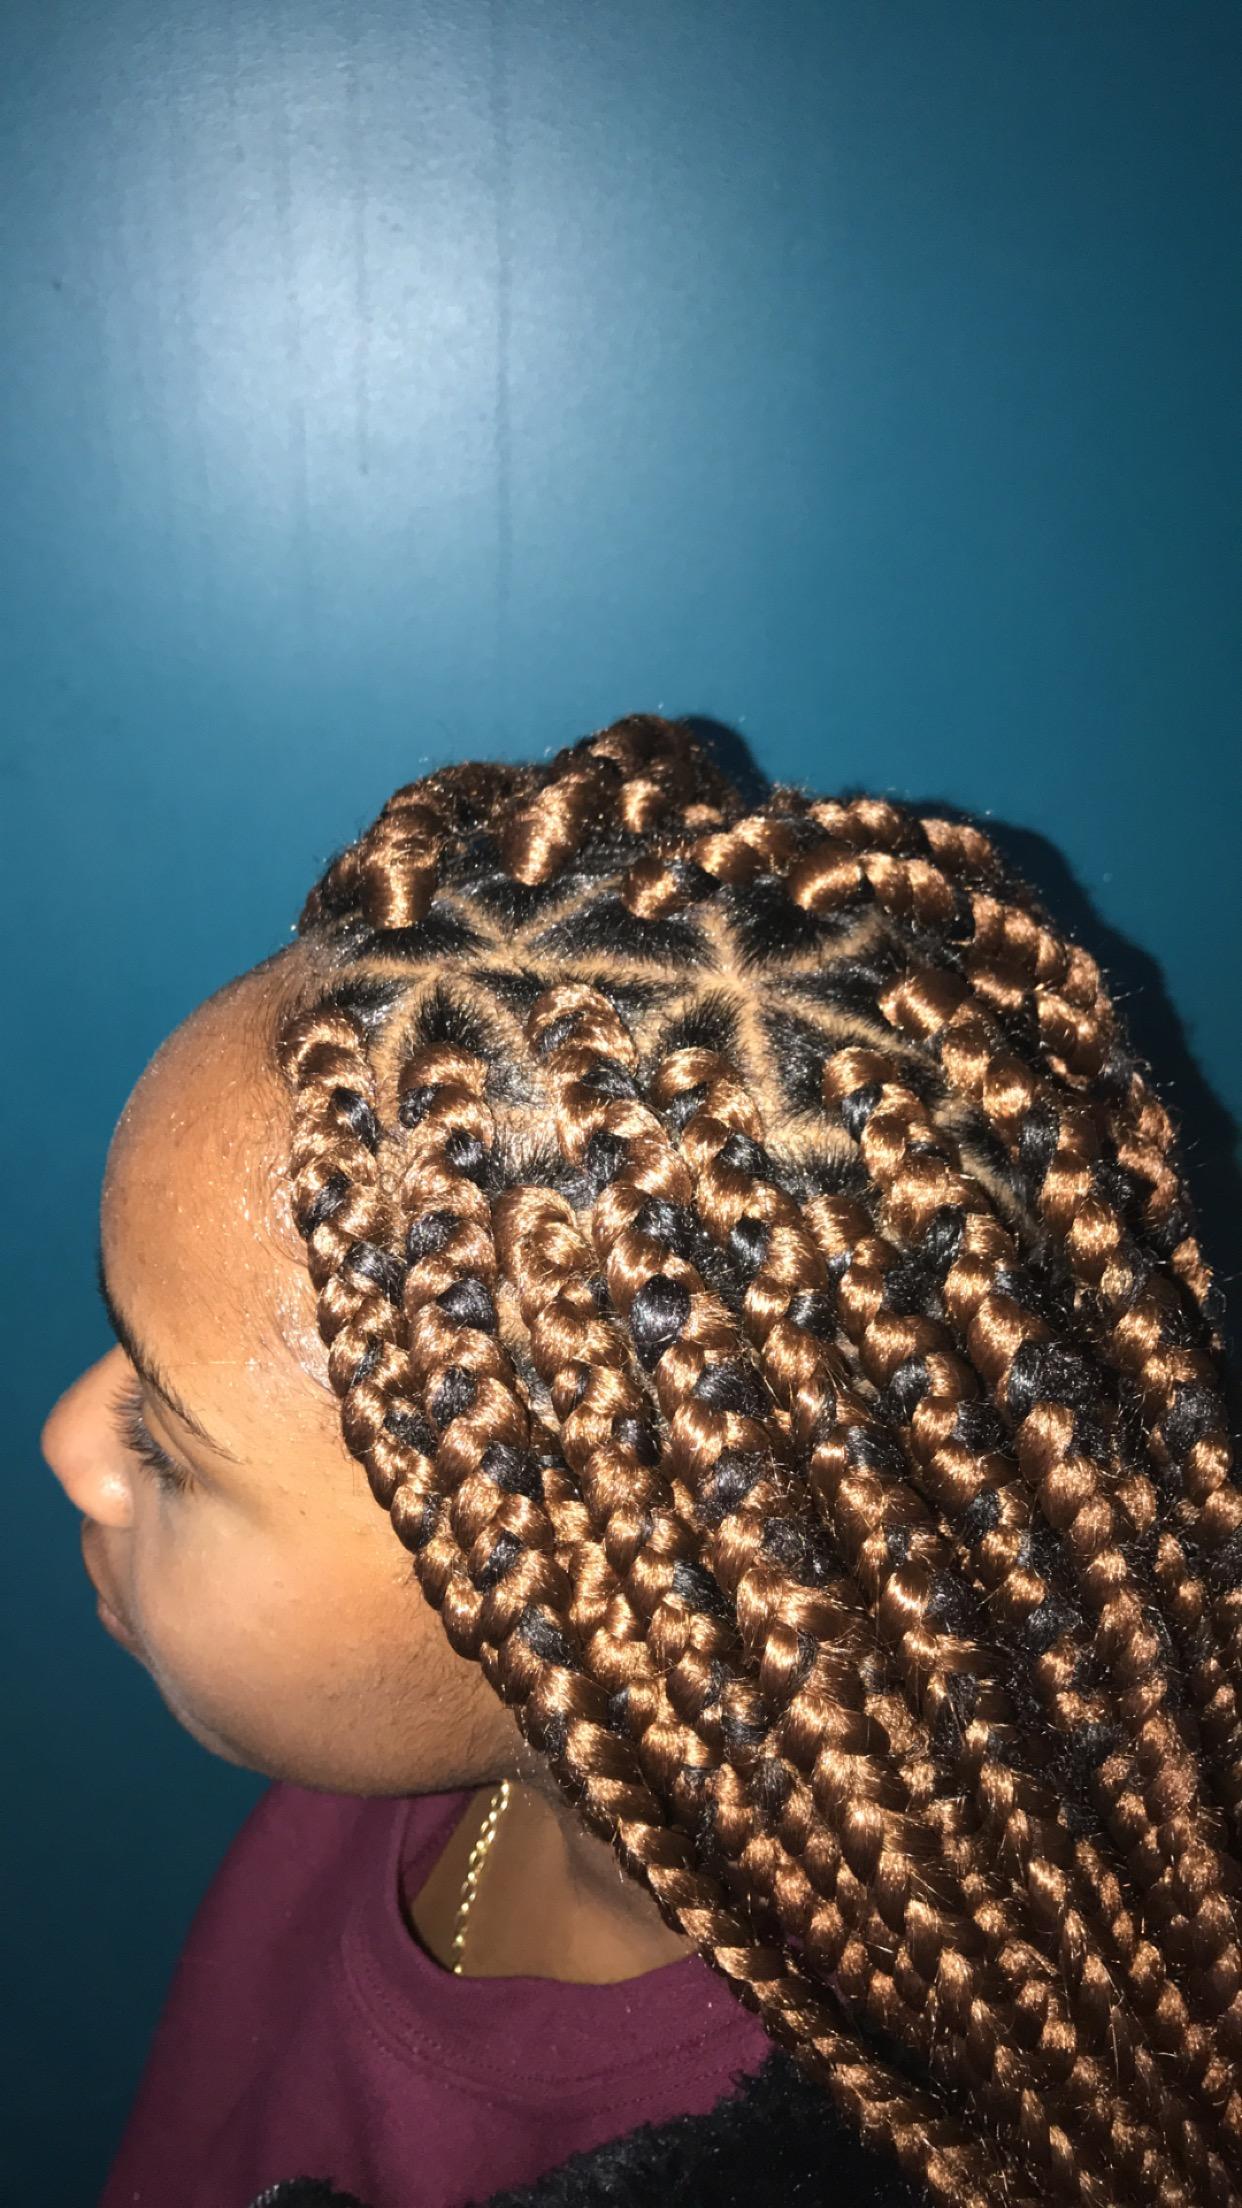 salon de coiffure afro tresse tresses box braids crochet braids vanilles tissages paris 75 77 78 91 92 93 94 95 DJCLGHBX